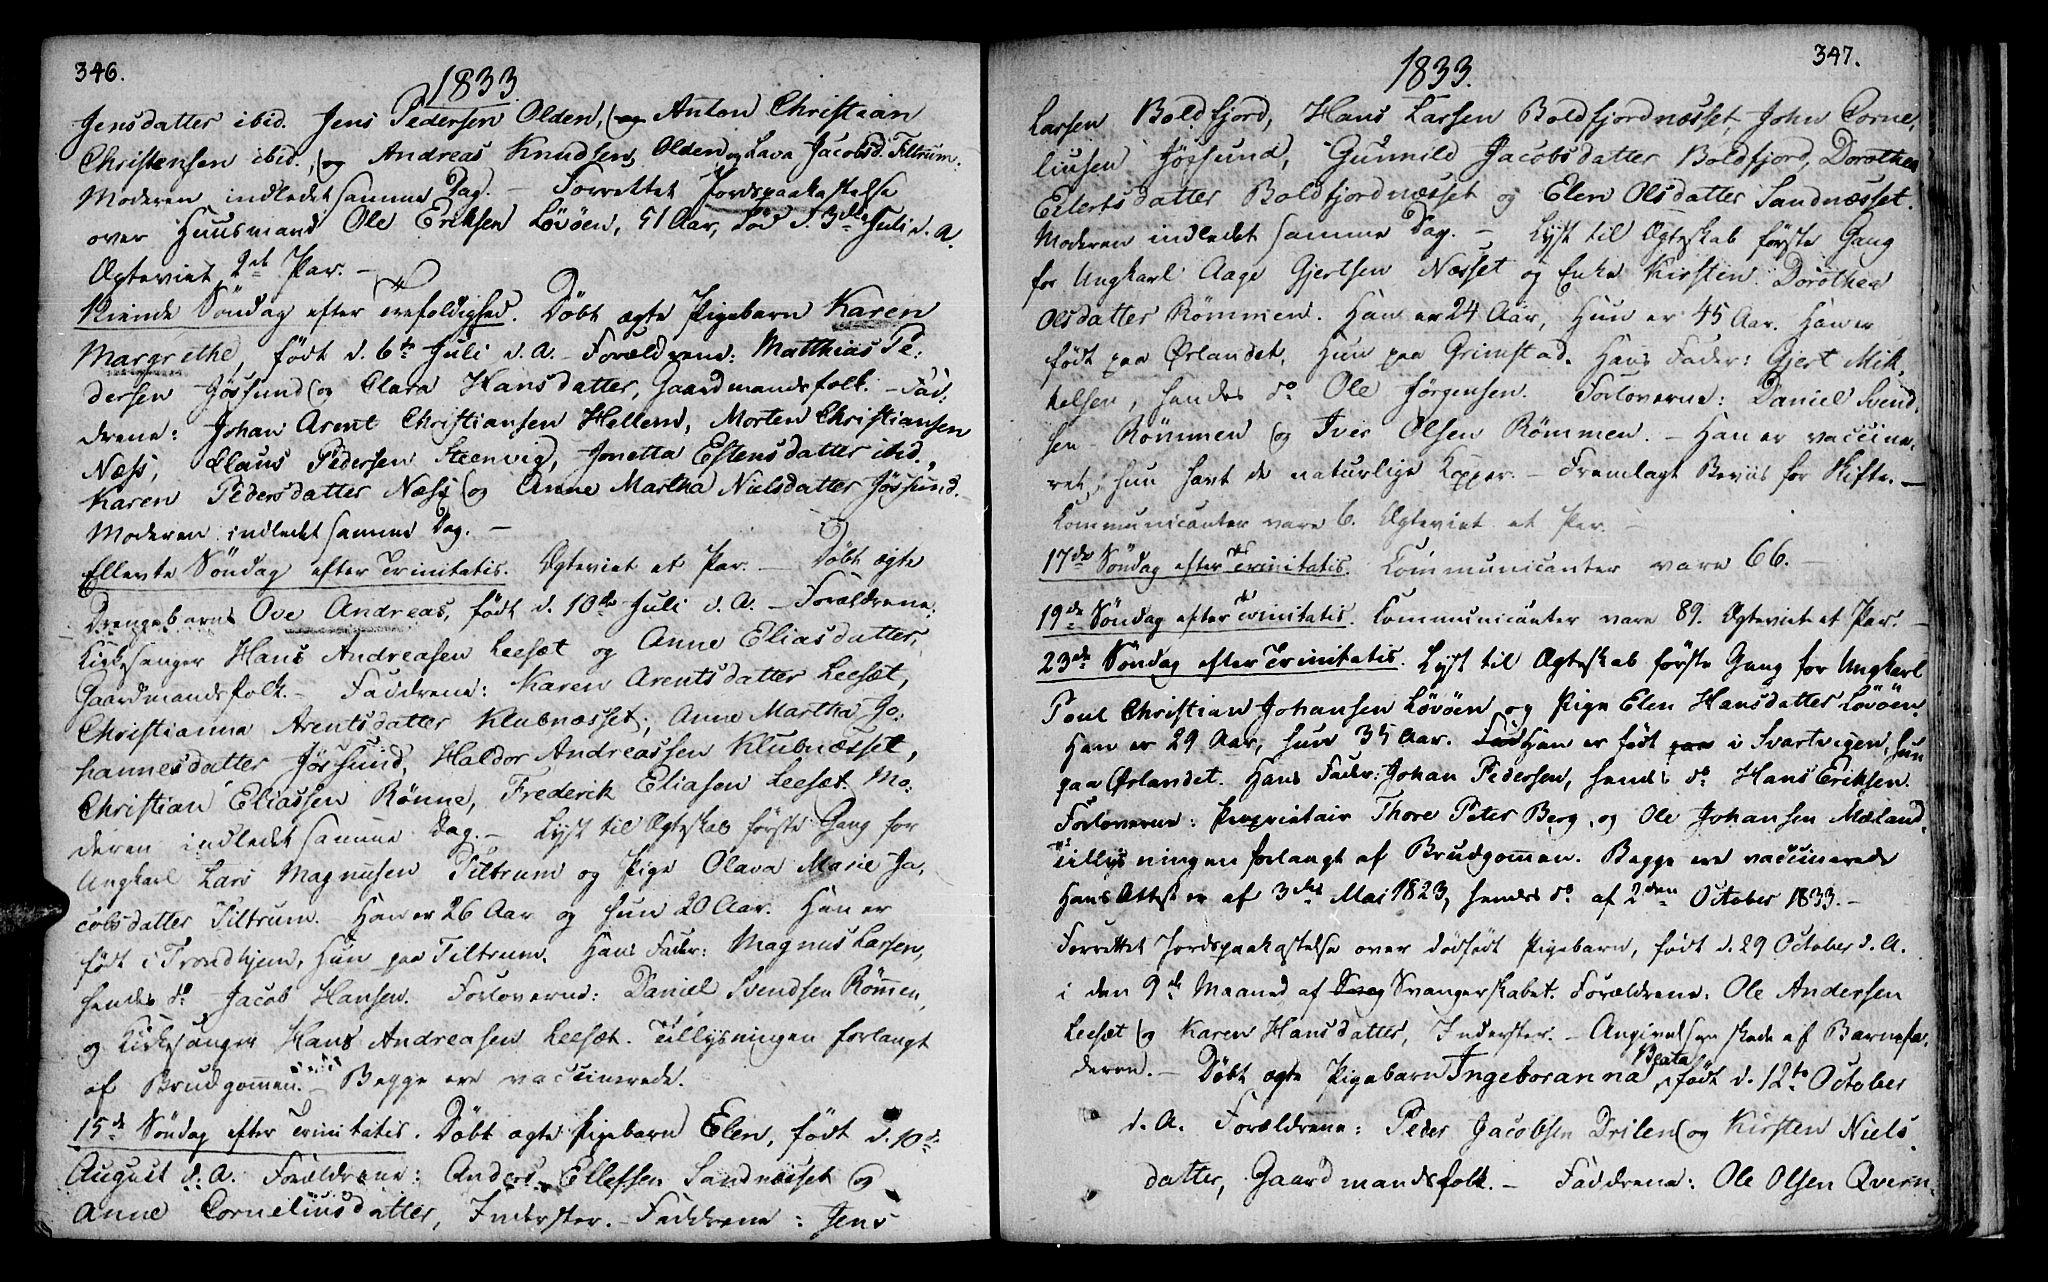 SAT, Ministerialprotokoller, klokkerbøker og fødselsregistre - Sør-Trøndelag, 655/L0674: Ministerialbok nr. 655A03, 1802-1826, s. 346-347